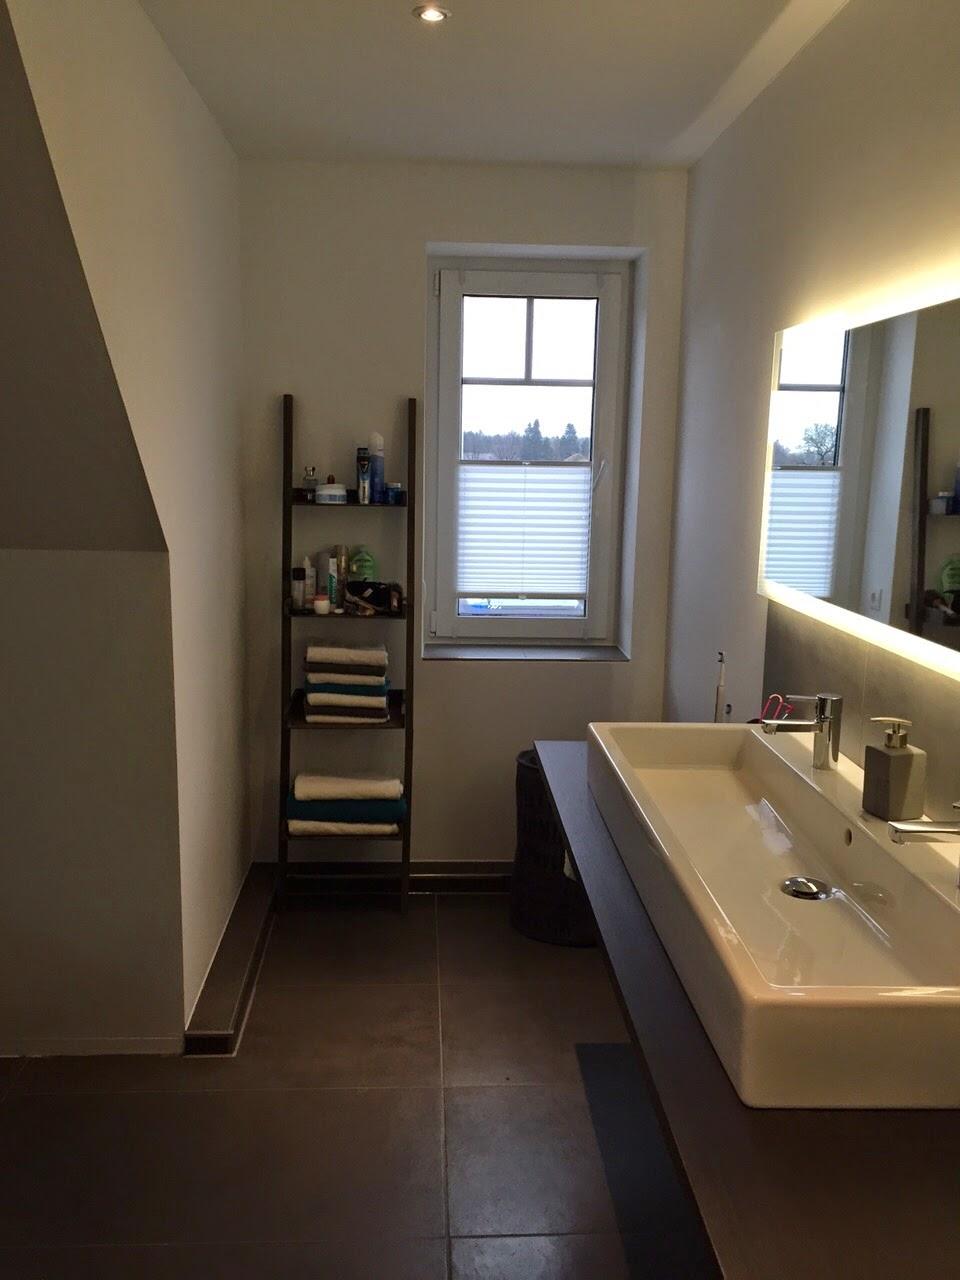 abenteuer hausbau in der heide fliesen und b der. Black Bedroom Furniture Sets. Home Design Ideas